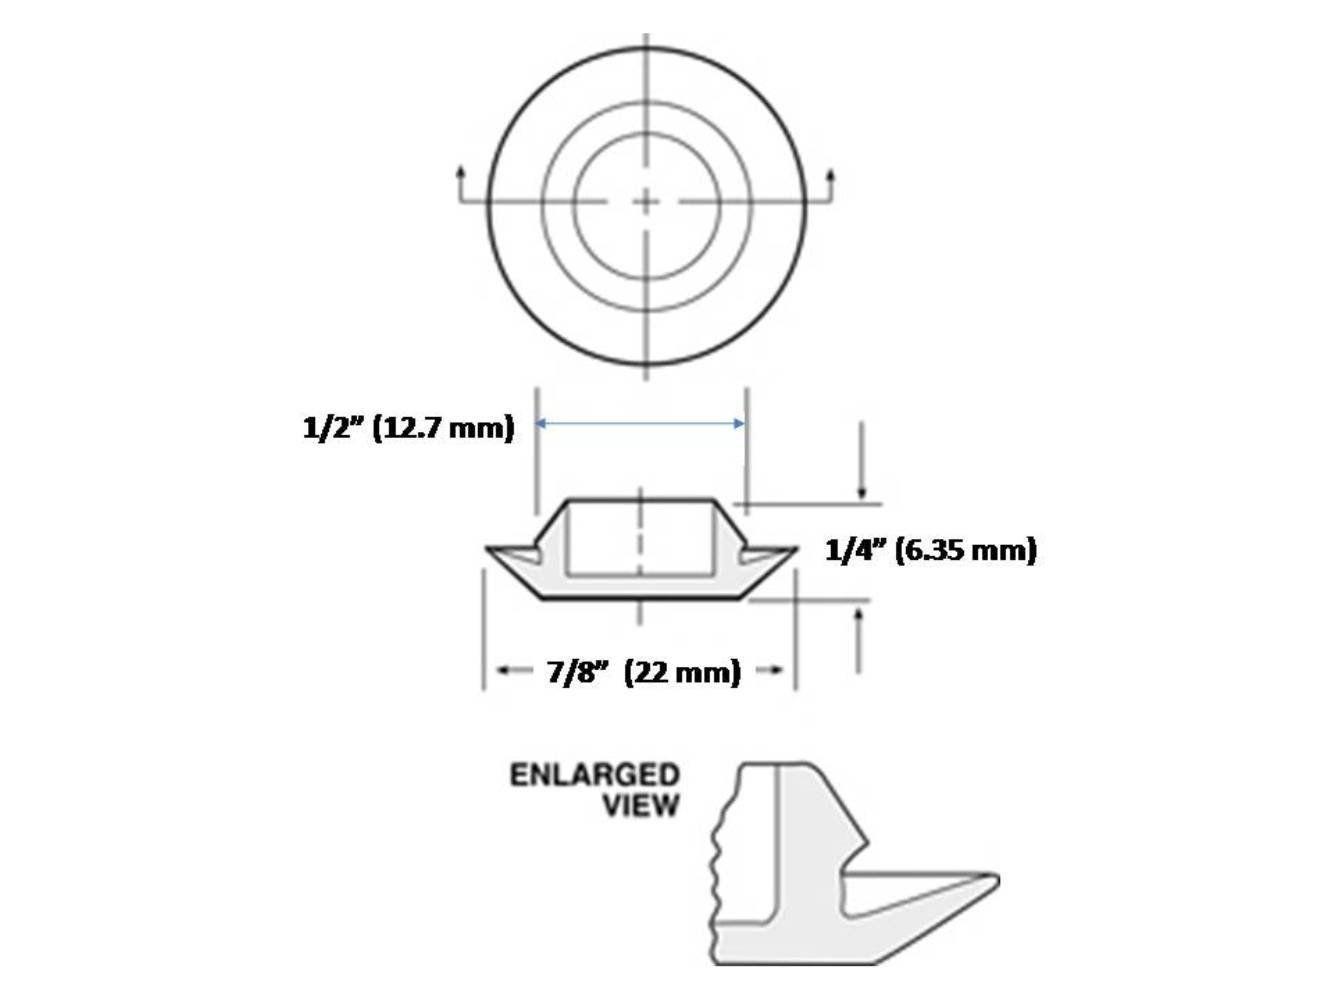 Jaguar Xk8 Wiring Diagram For